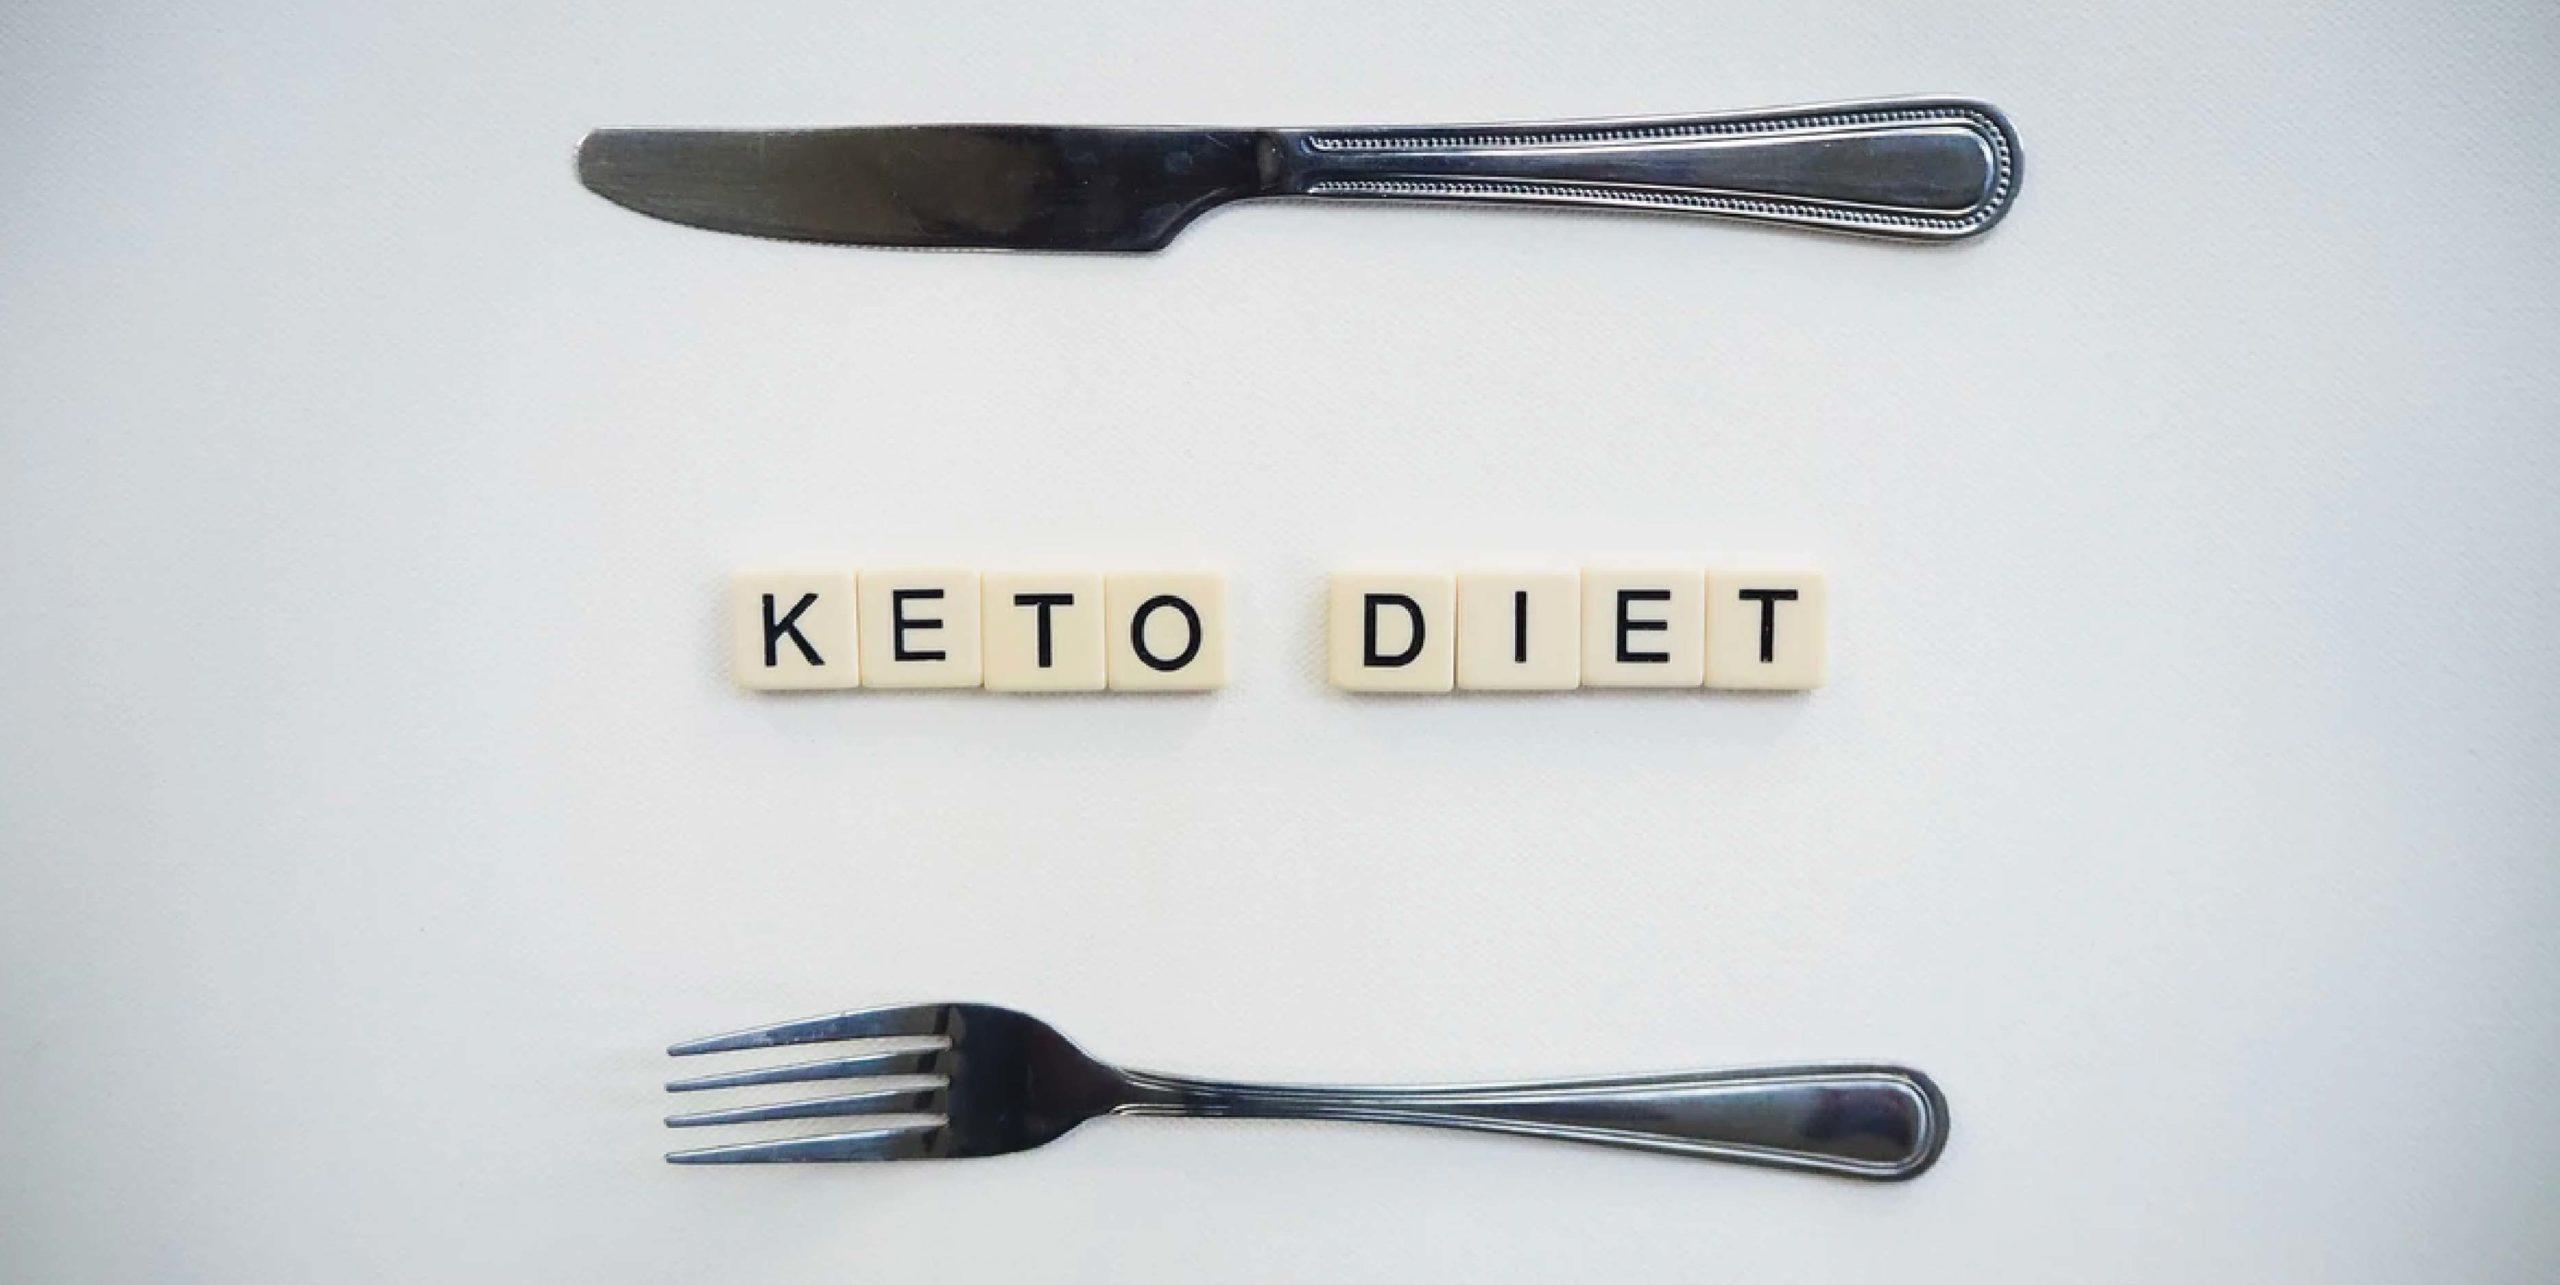 吃便利超商也能瘦身?告訴你快速方便的生酮飲食指南!